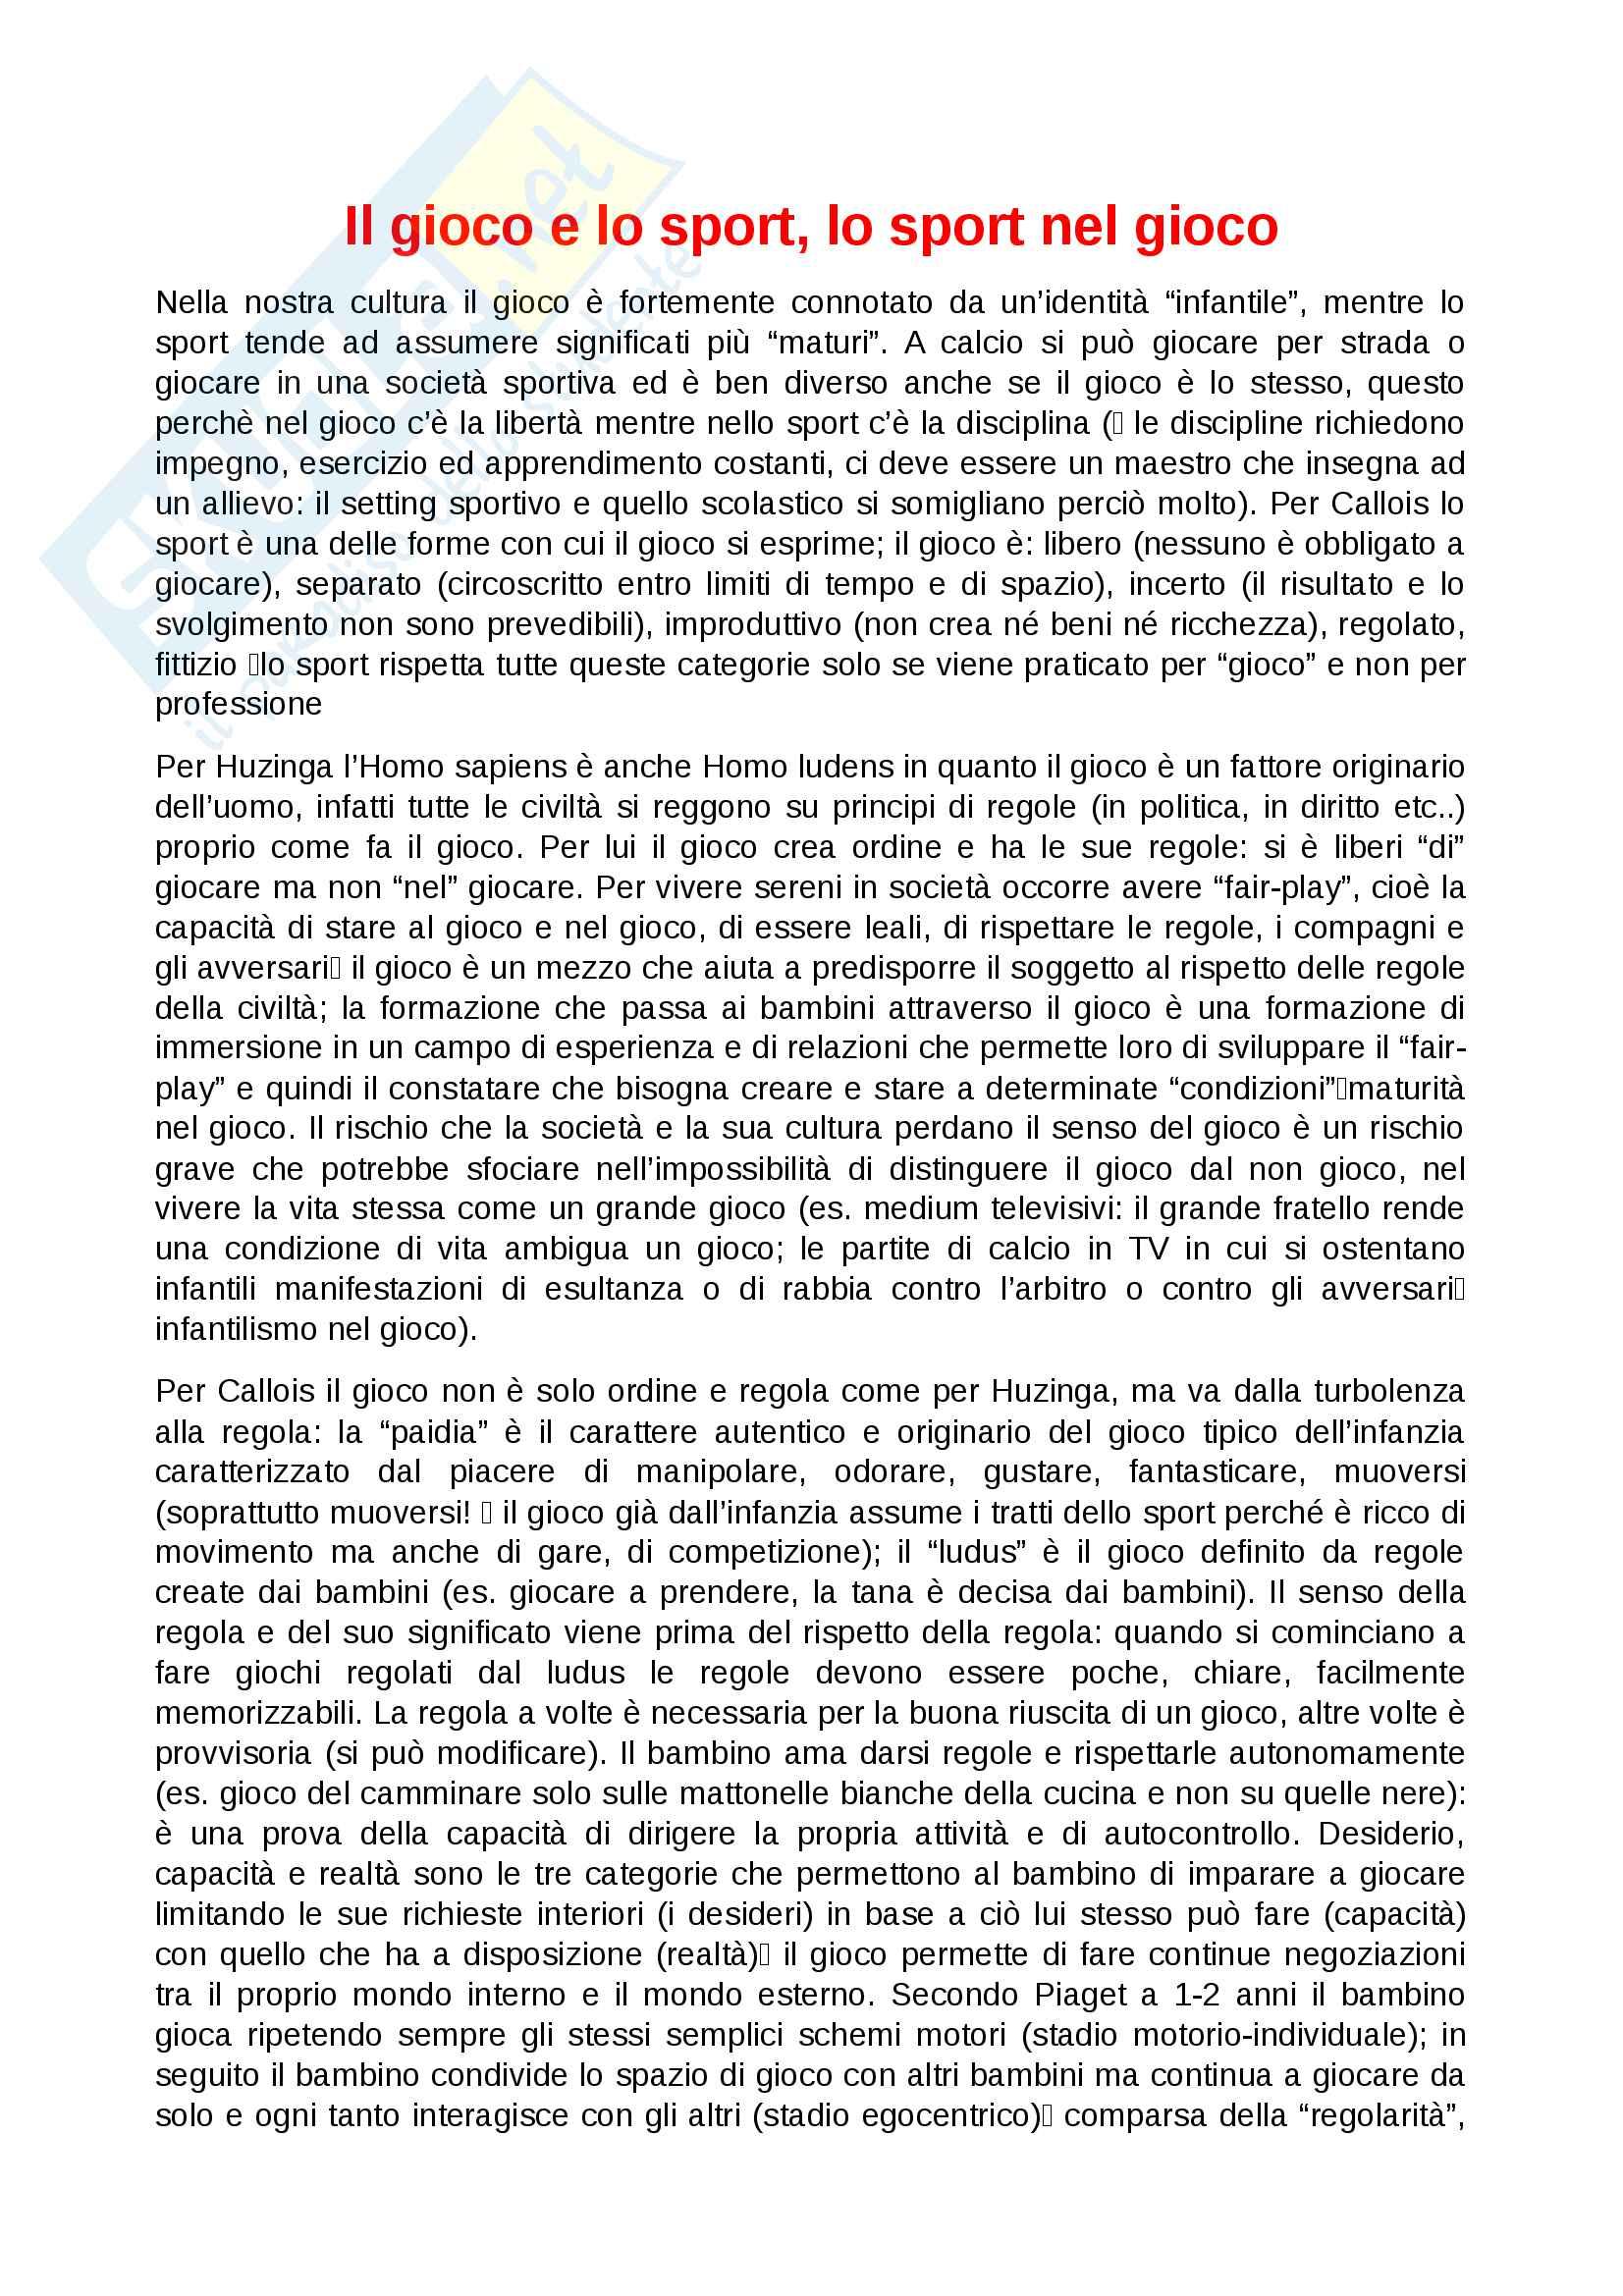 """Riassunto esame di metodologia del gioco, docente Carla Baglietto, libro consigliato """"Sport e infanzia, un'esperienza formativa tra gioco e impegno"""" autore R.Farnè"""